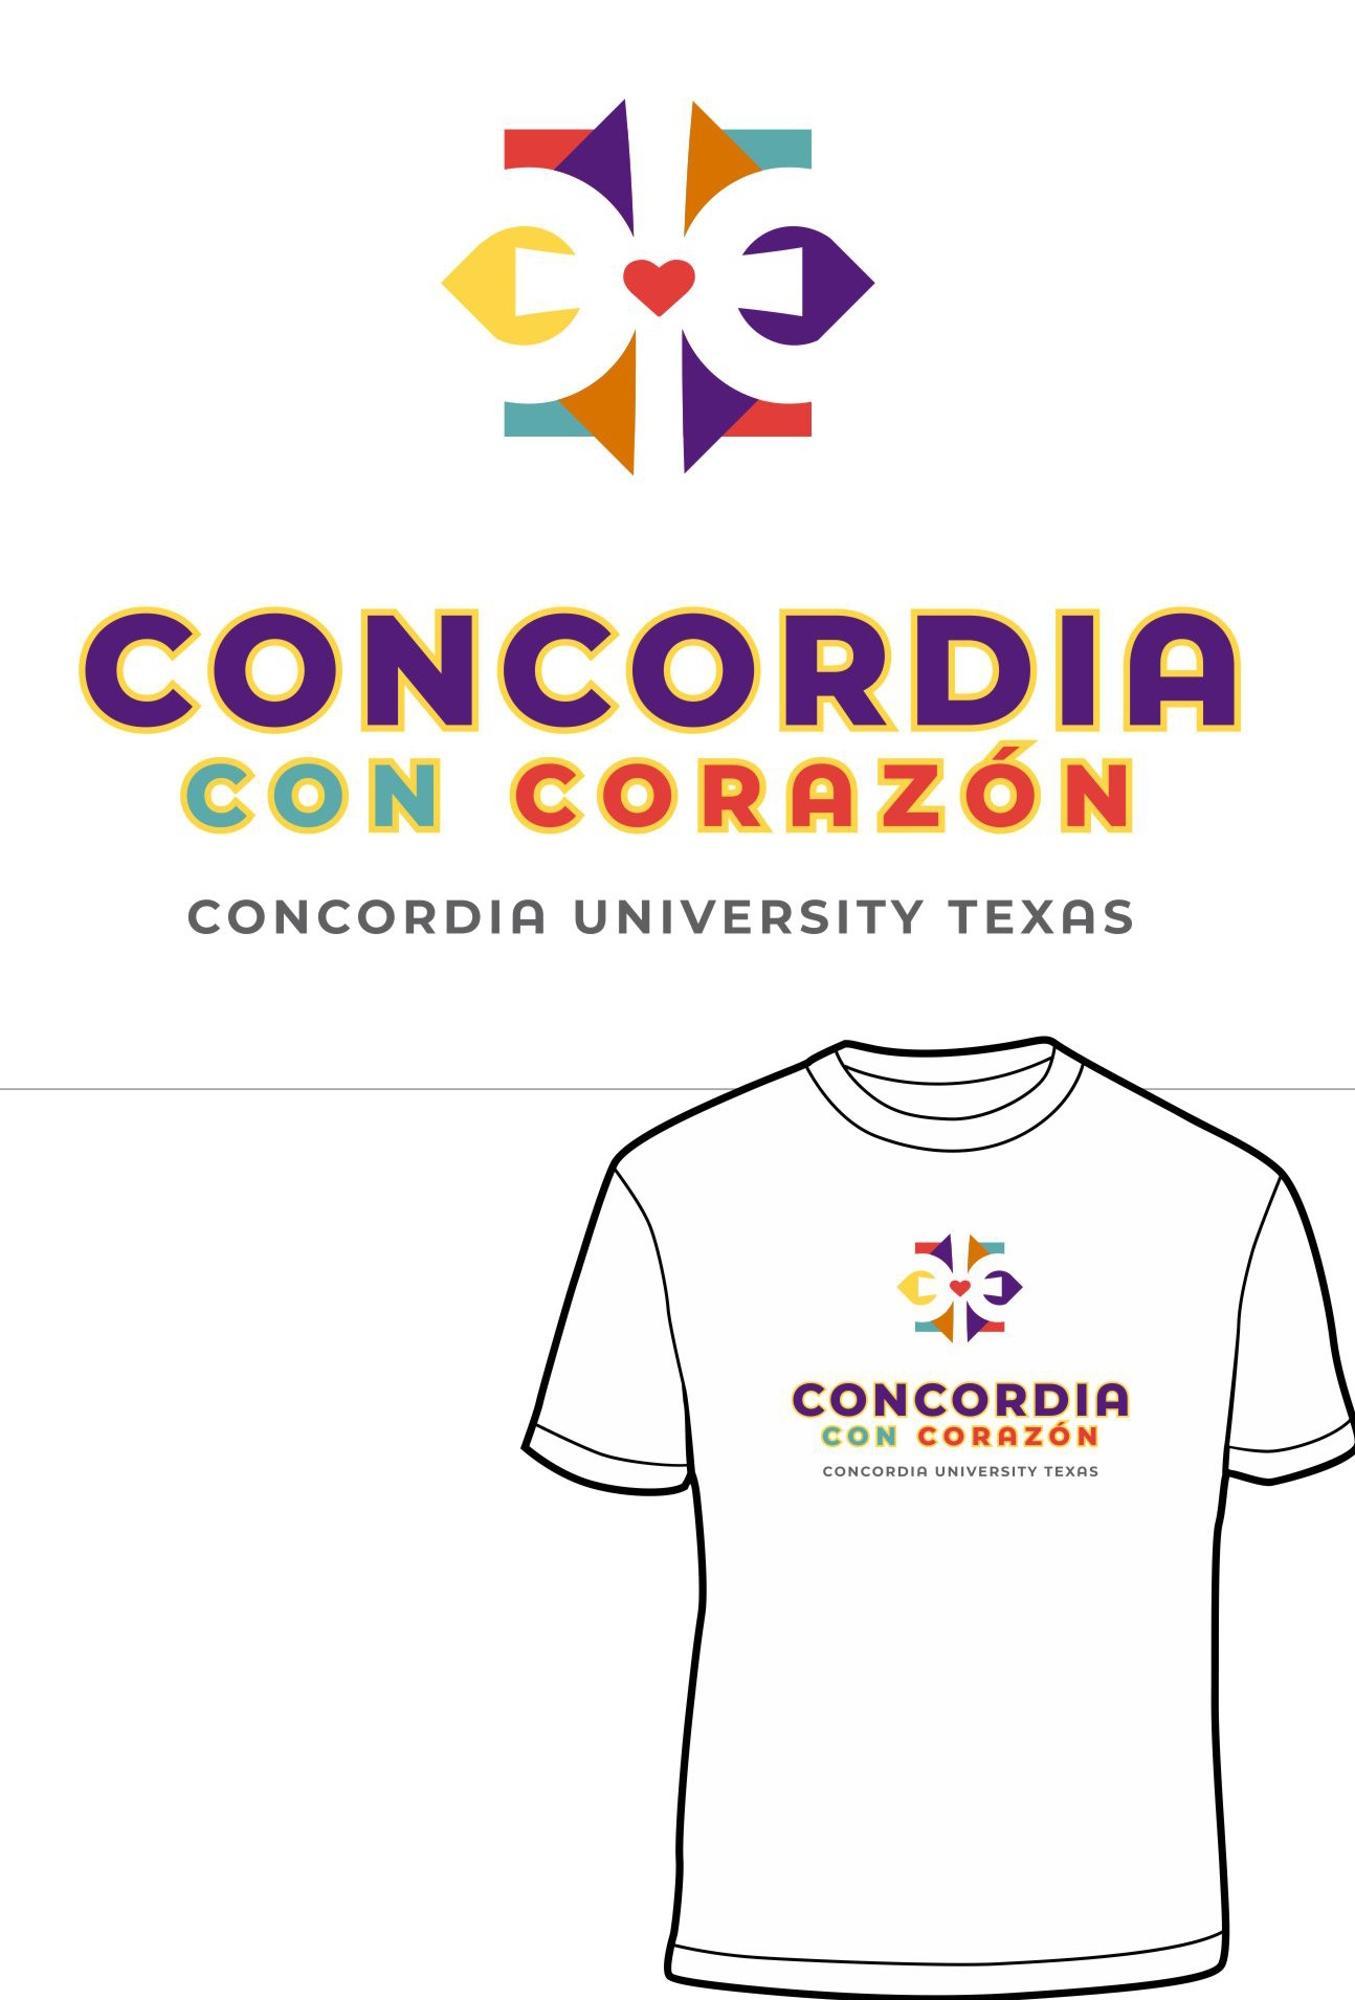 Image for Concordia Con Corazon Tee